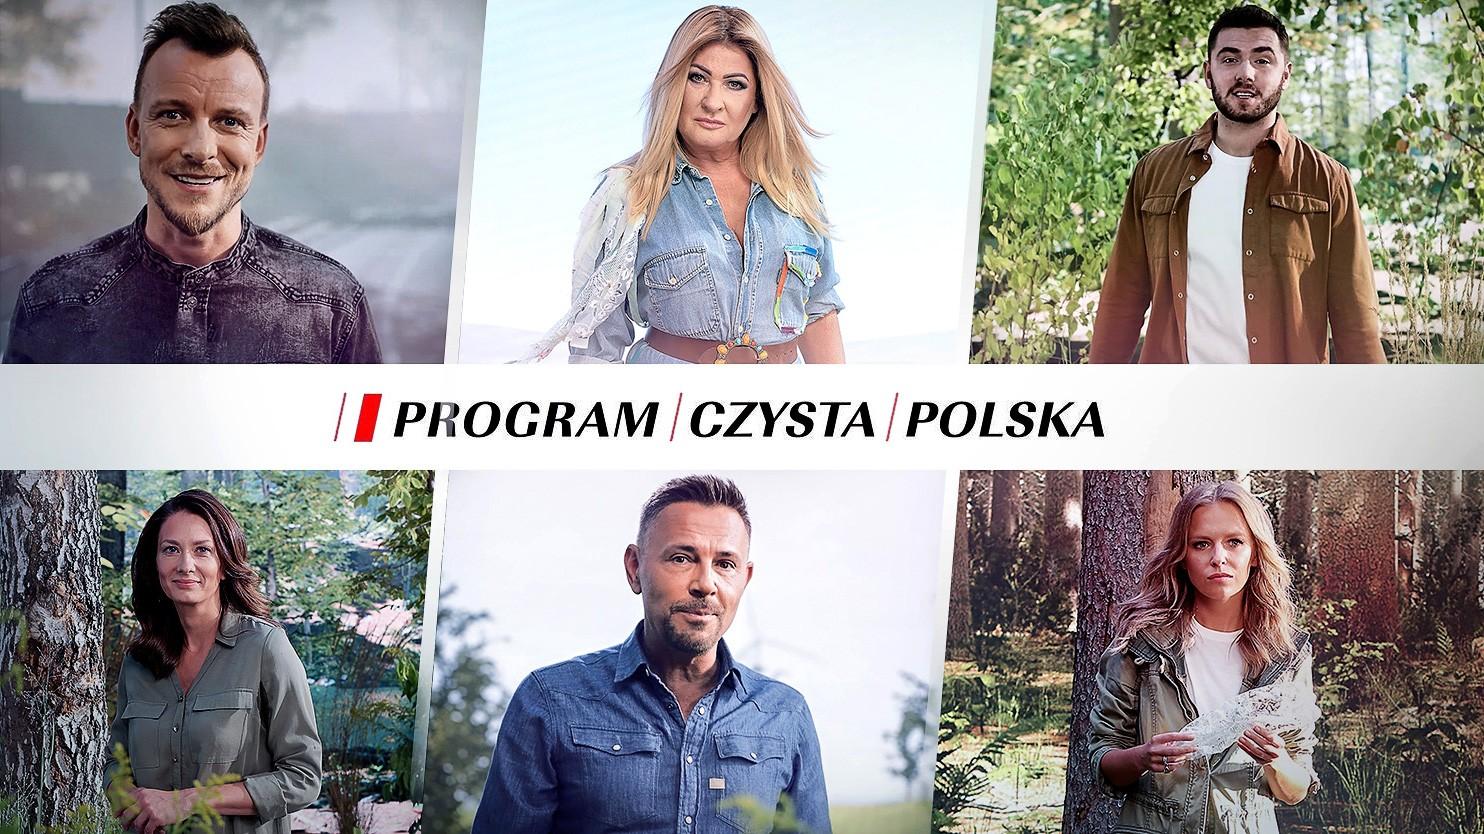 Stowarzyszenie Program Czysta Polska z nową kampanią